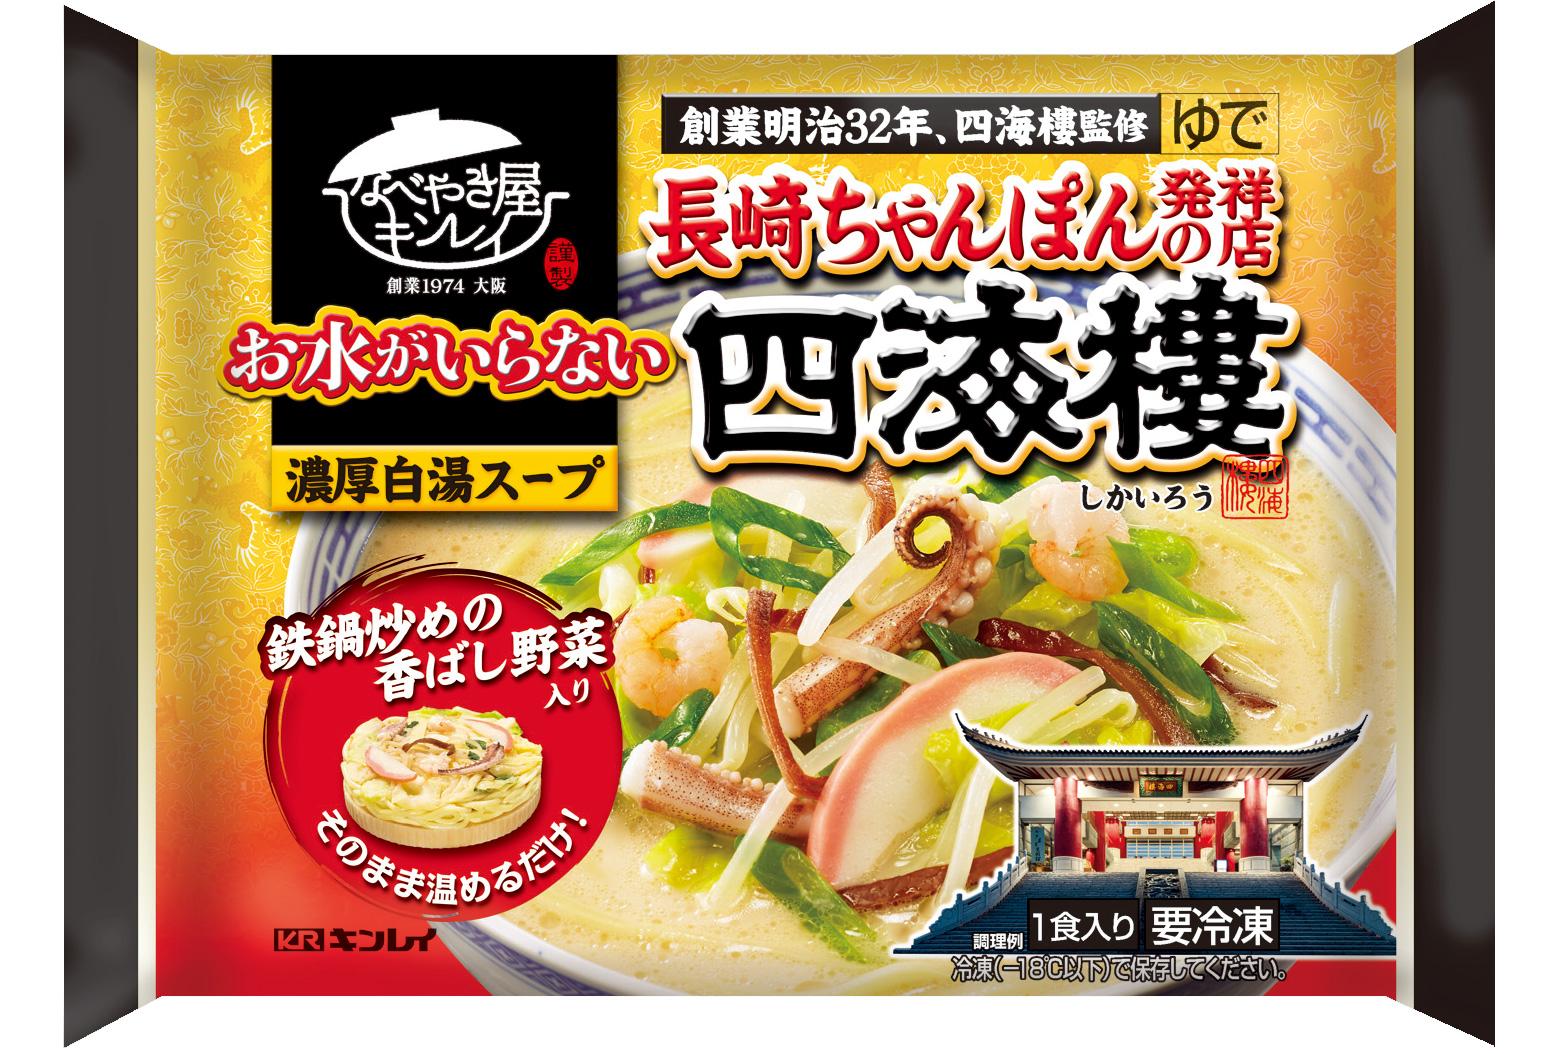 長崎に行かなくても食べられる「四海樓」はじめ冷凍ちゃんぽん人気商品